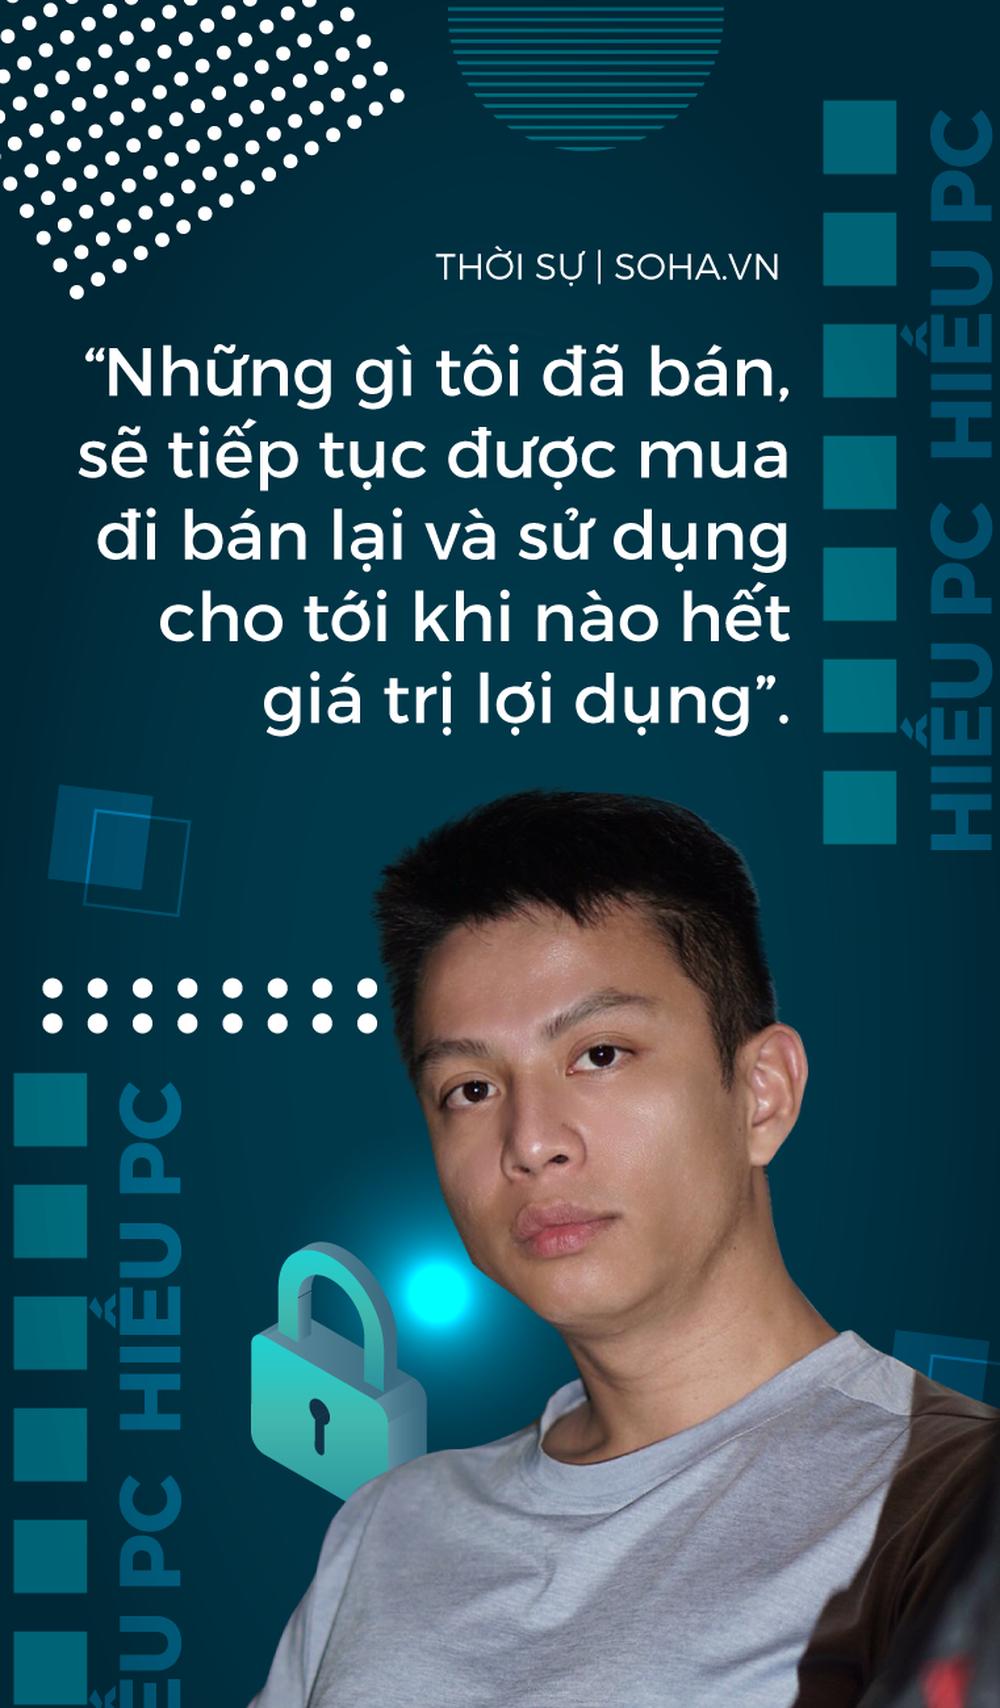 Từ chuyện Nhâm Hoàng Khang bị bắt, Hiếu PC kể lại bức thư khiến mình bị sốc và ám ảnh lúc ở tòa - Ảnh 1.